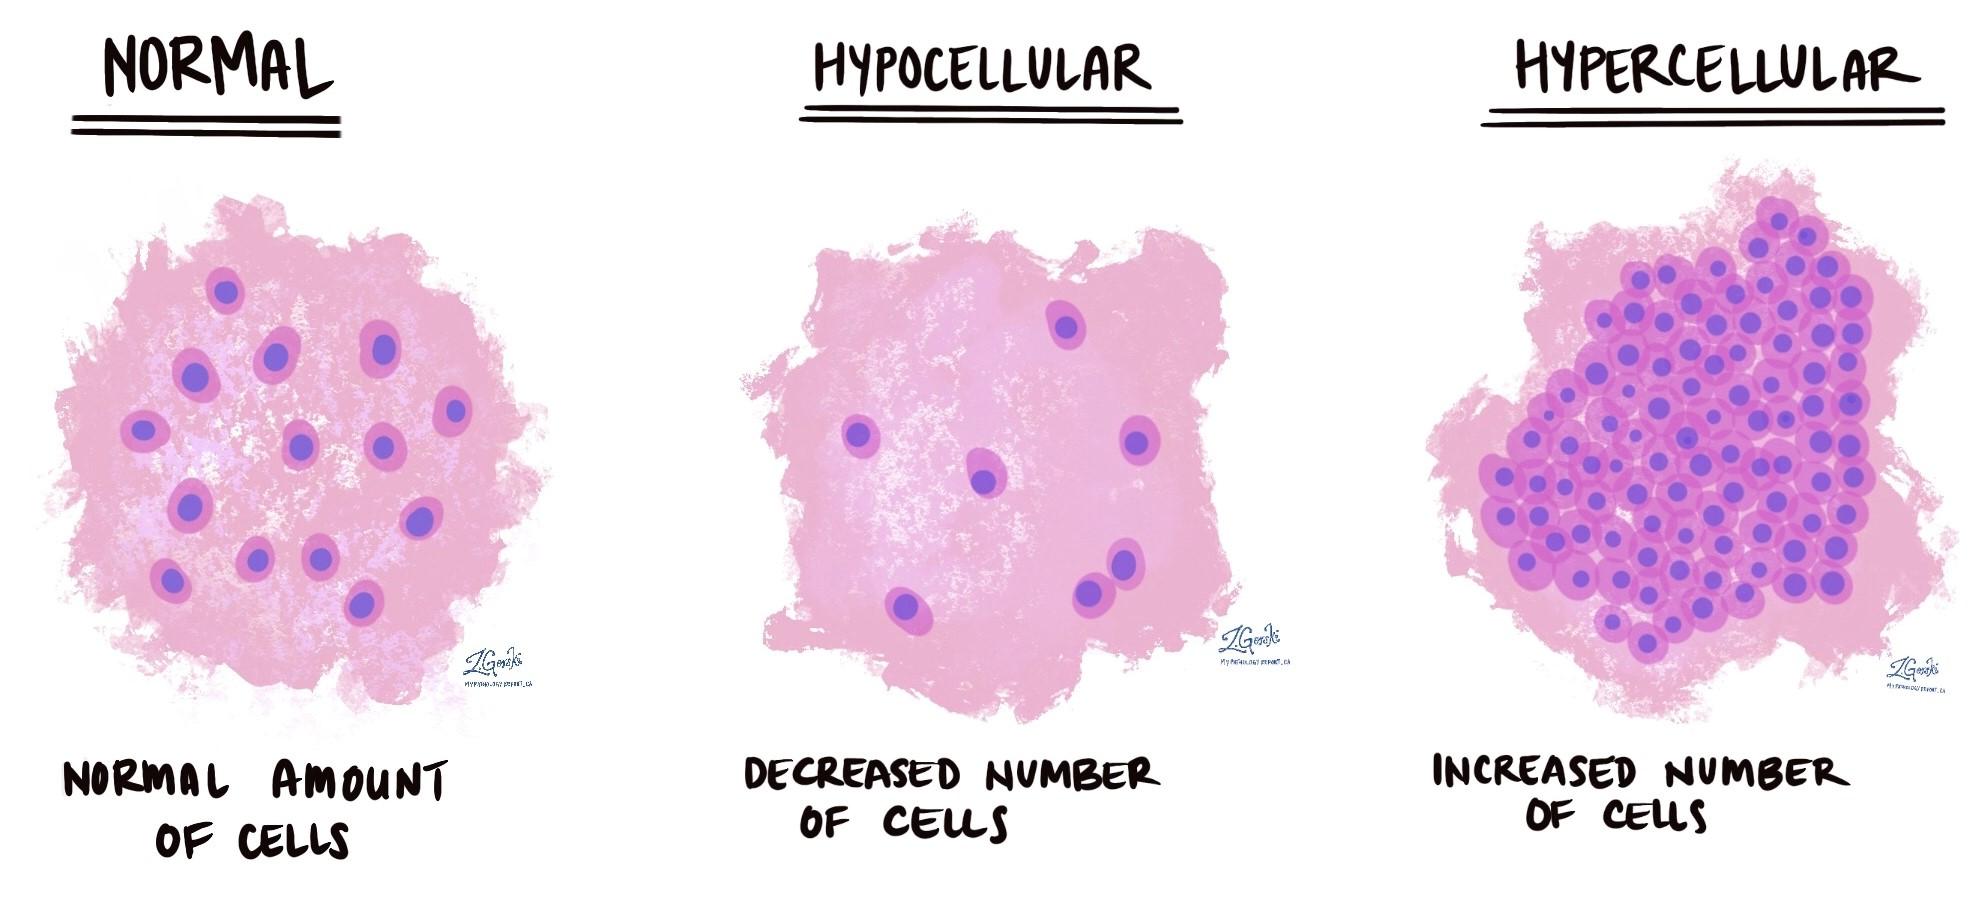 hypocellular and hypercellular